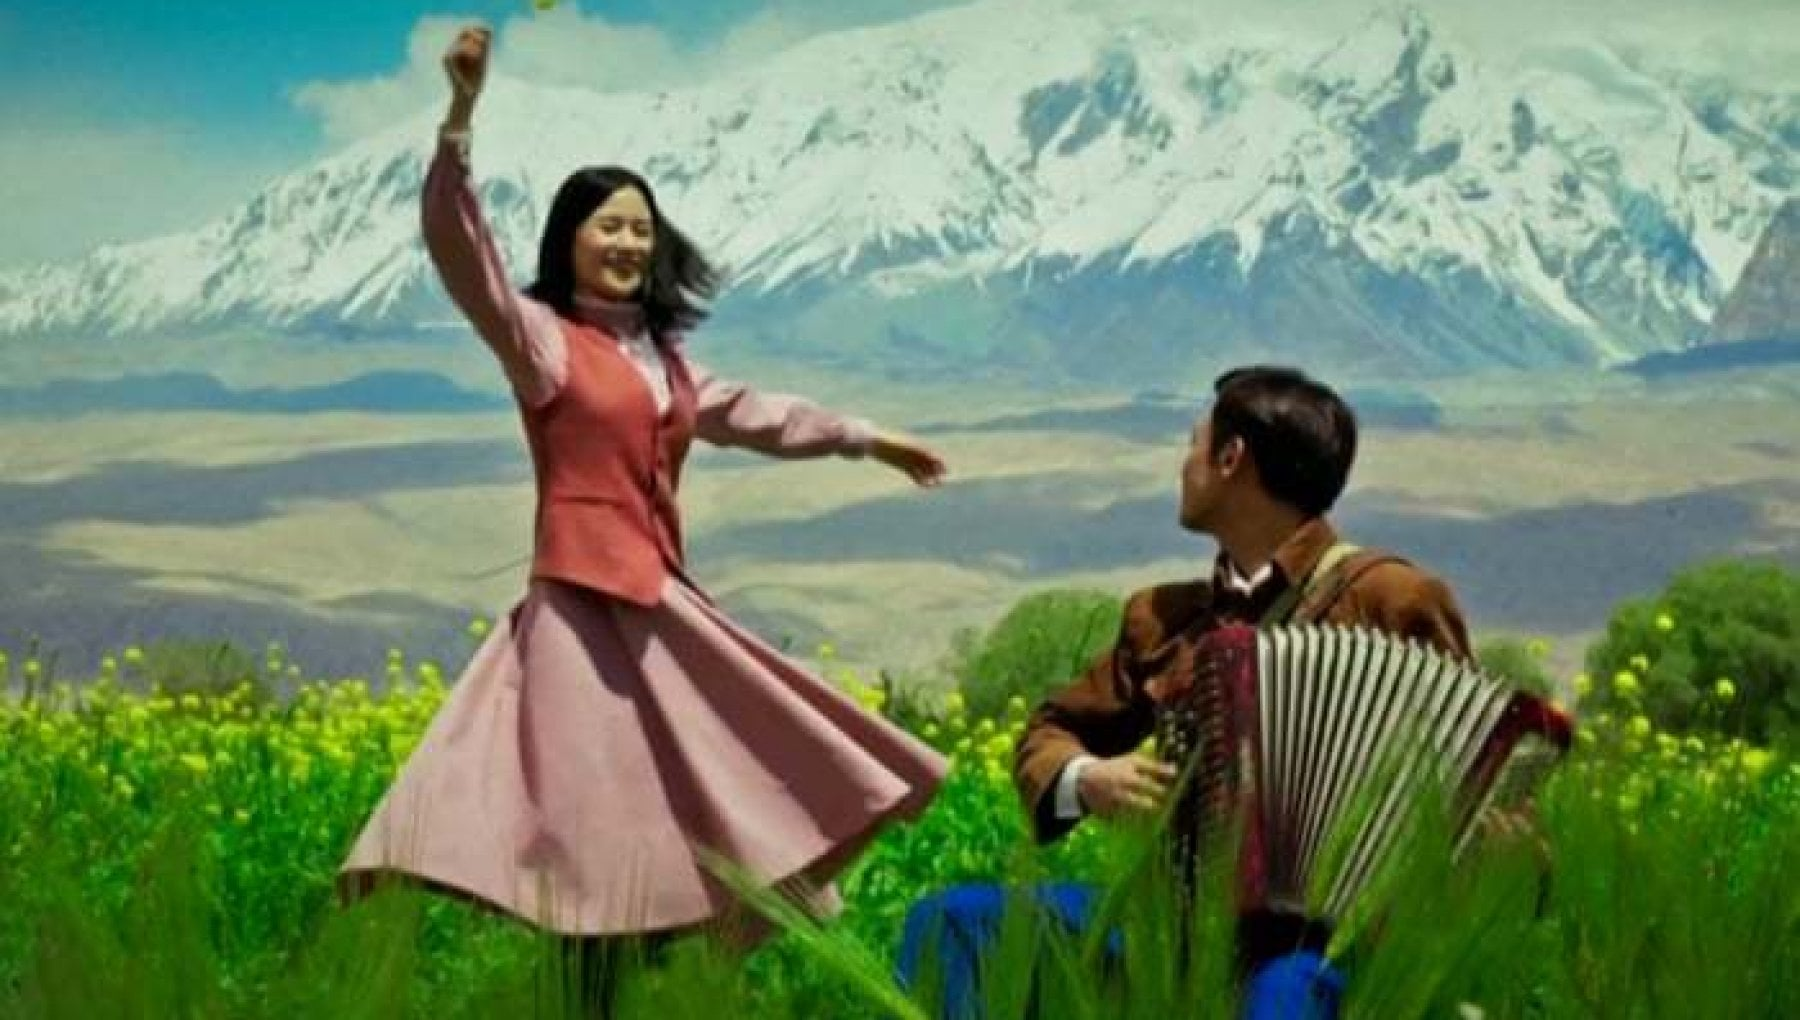 """181454578 899fef36 52d9 4dd2 a65f bd38a2e7dfd3 - La Cina promuove un musical ispirato a """"La La Land"""" per smentire gli abusi sugli Uiguri"""